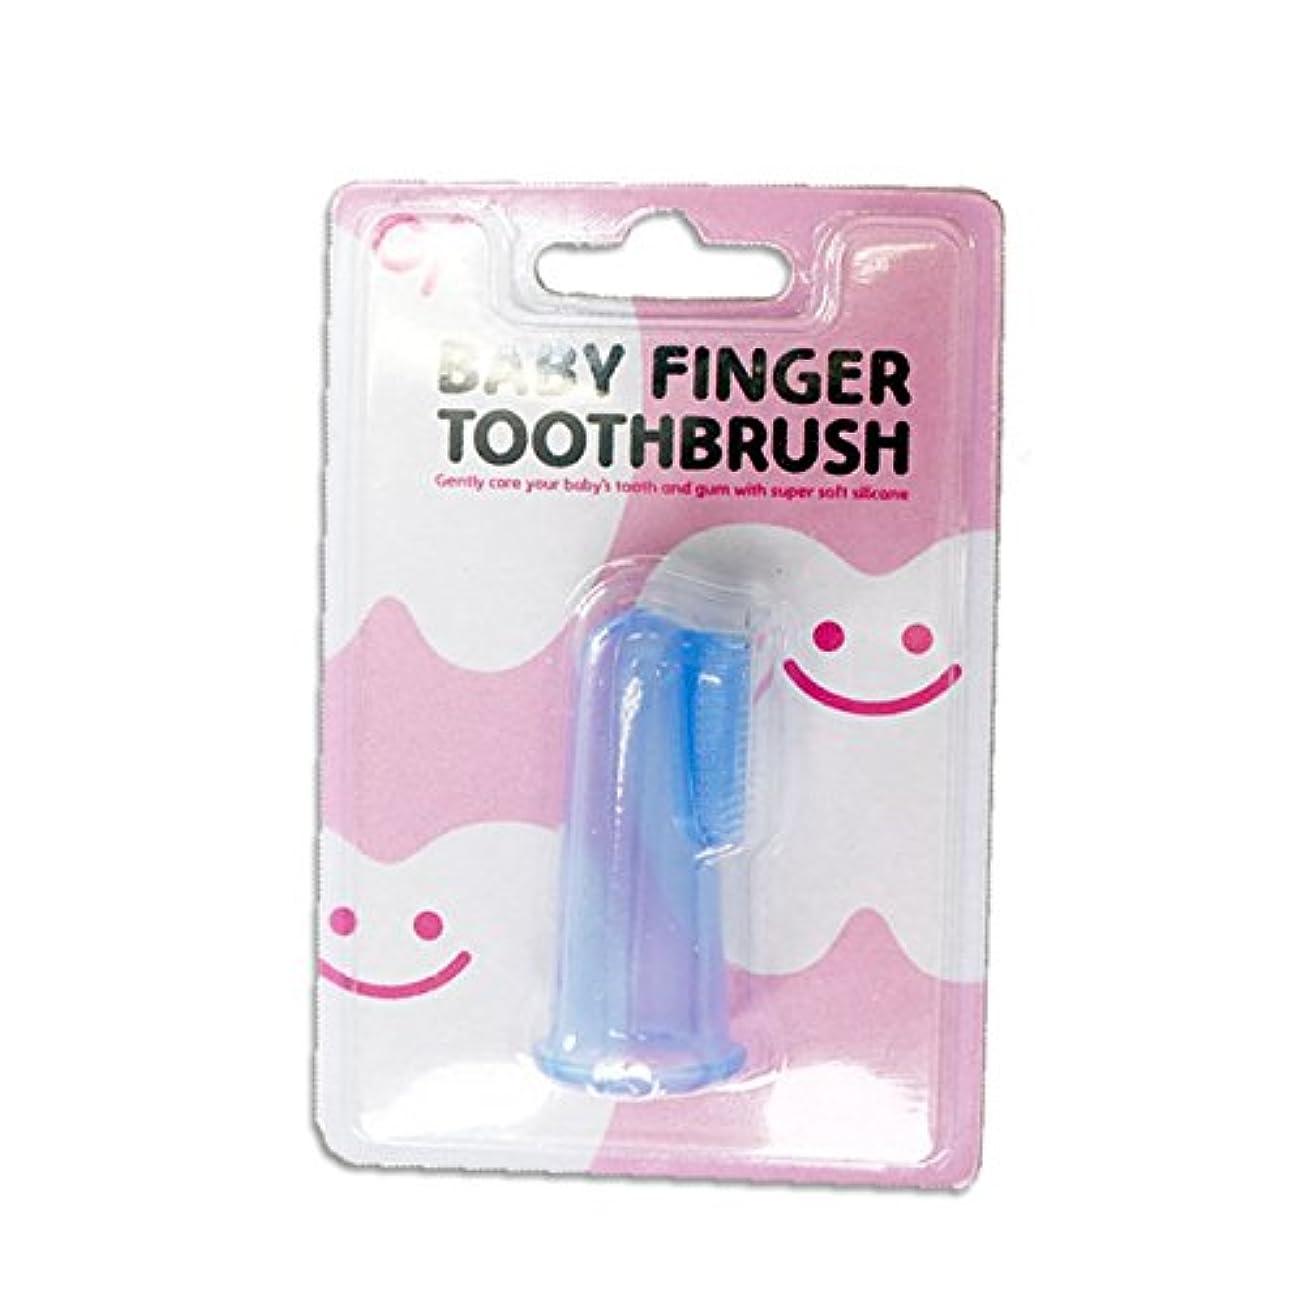 征服者家事オープニングベビーフィンガートゥースブラッシュ ベビーフィンガー歯ブラシ 12個入り BABY FINGER TOOTHBRUSH